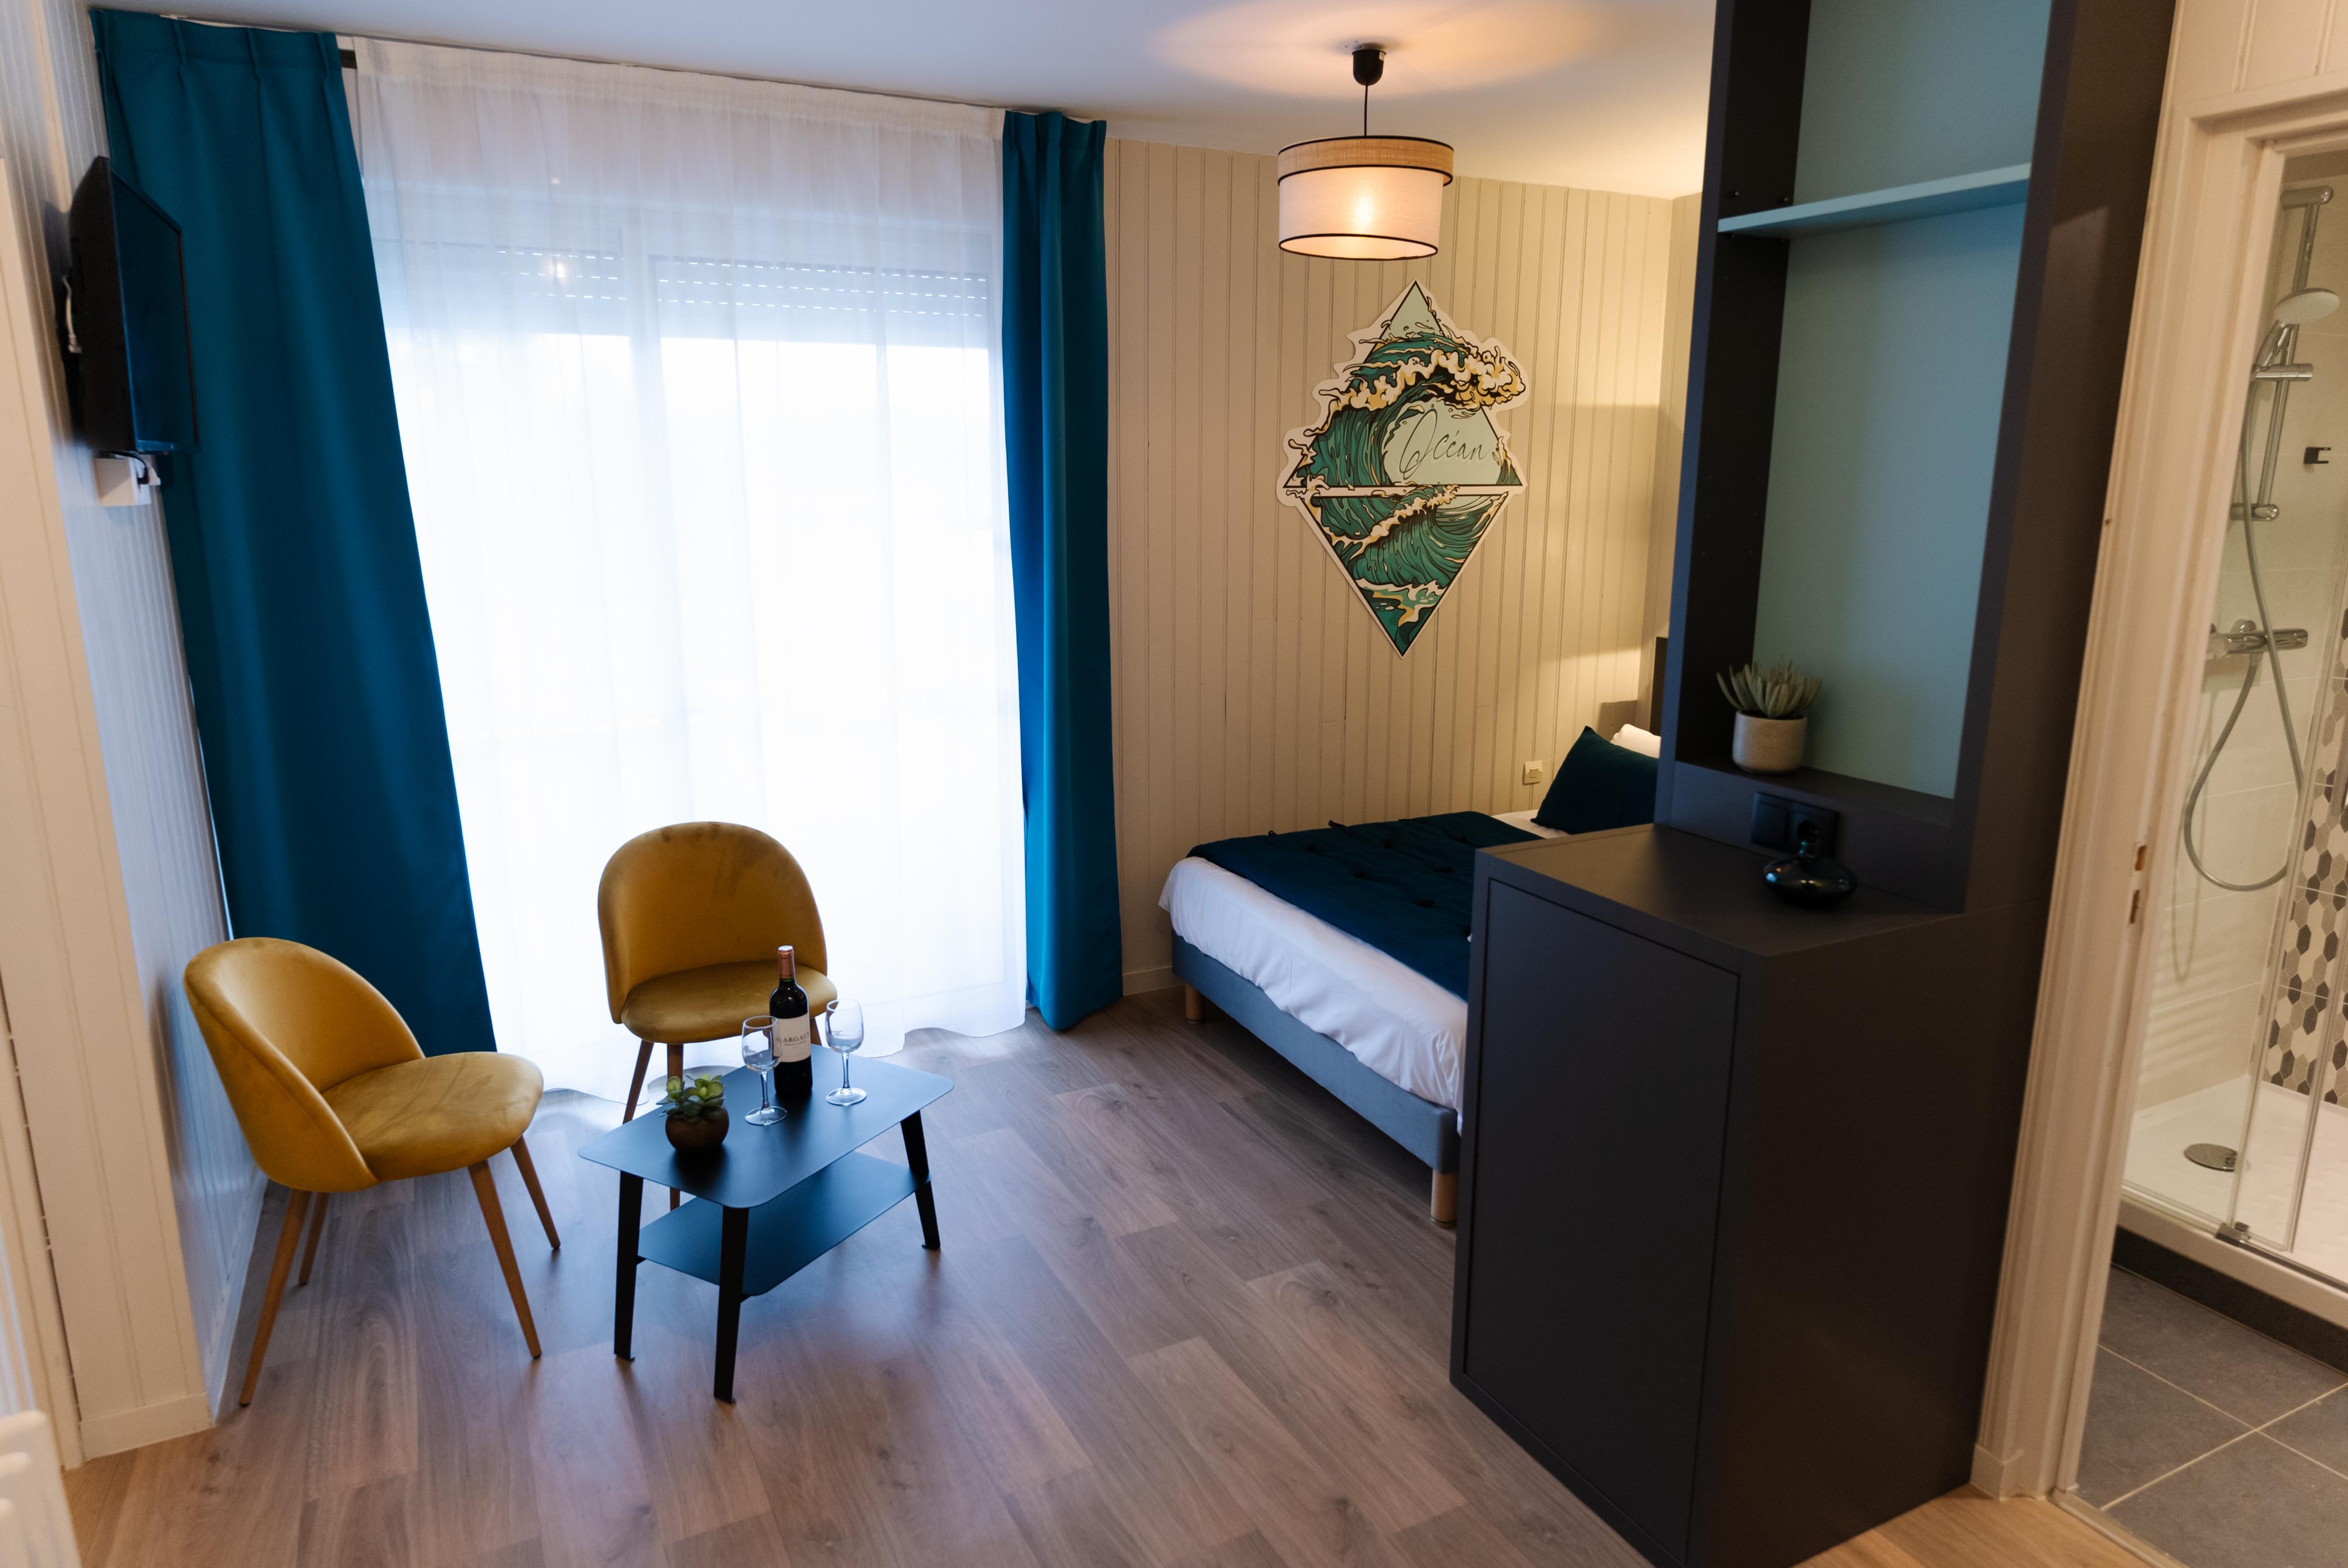 chambre logement 2 ch 4 p village vacances lacanau